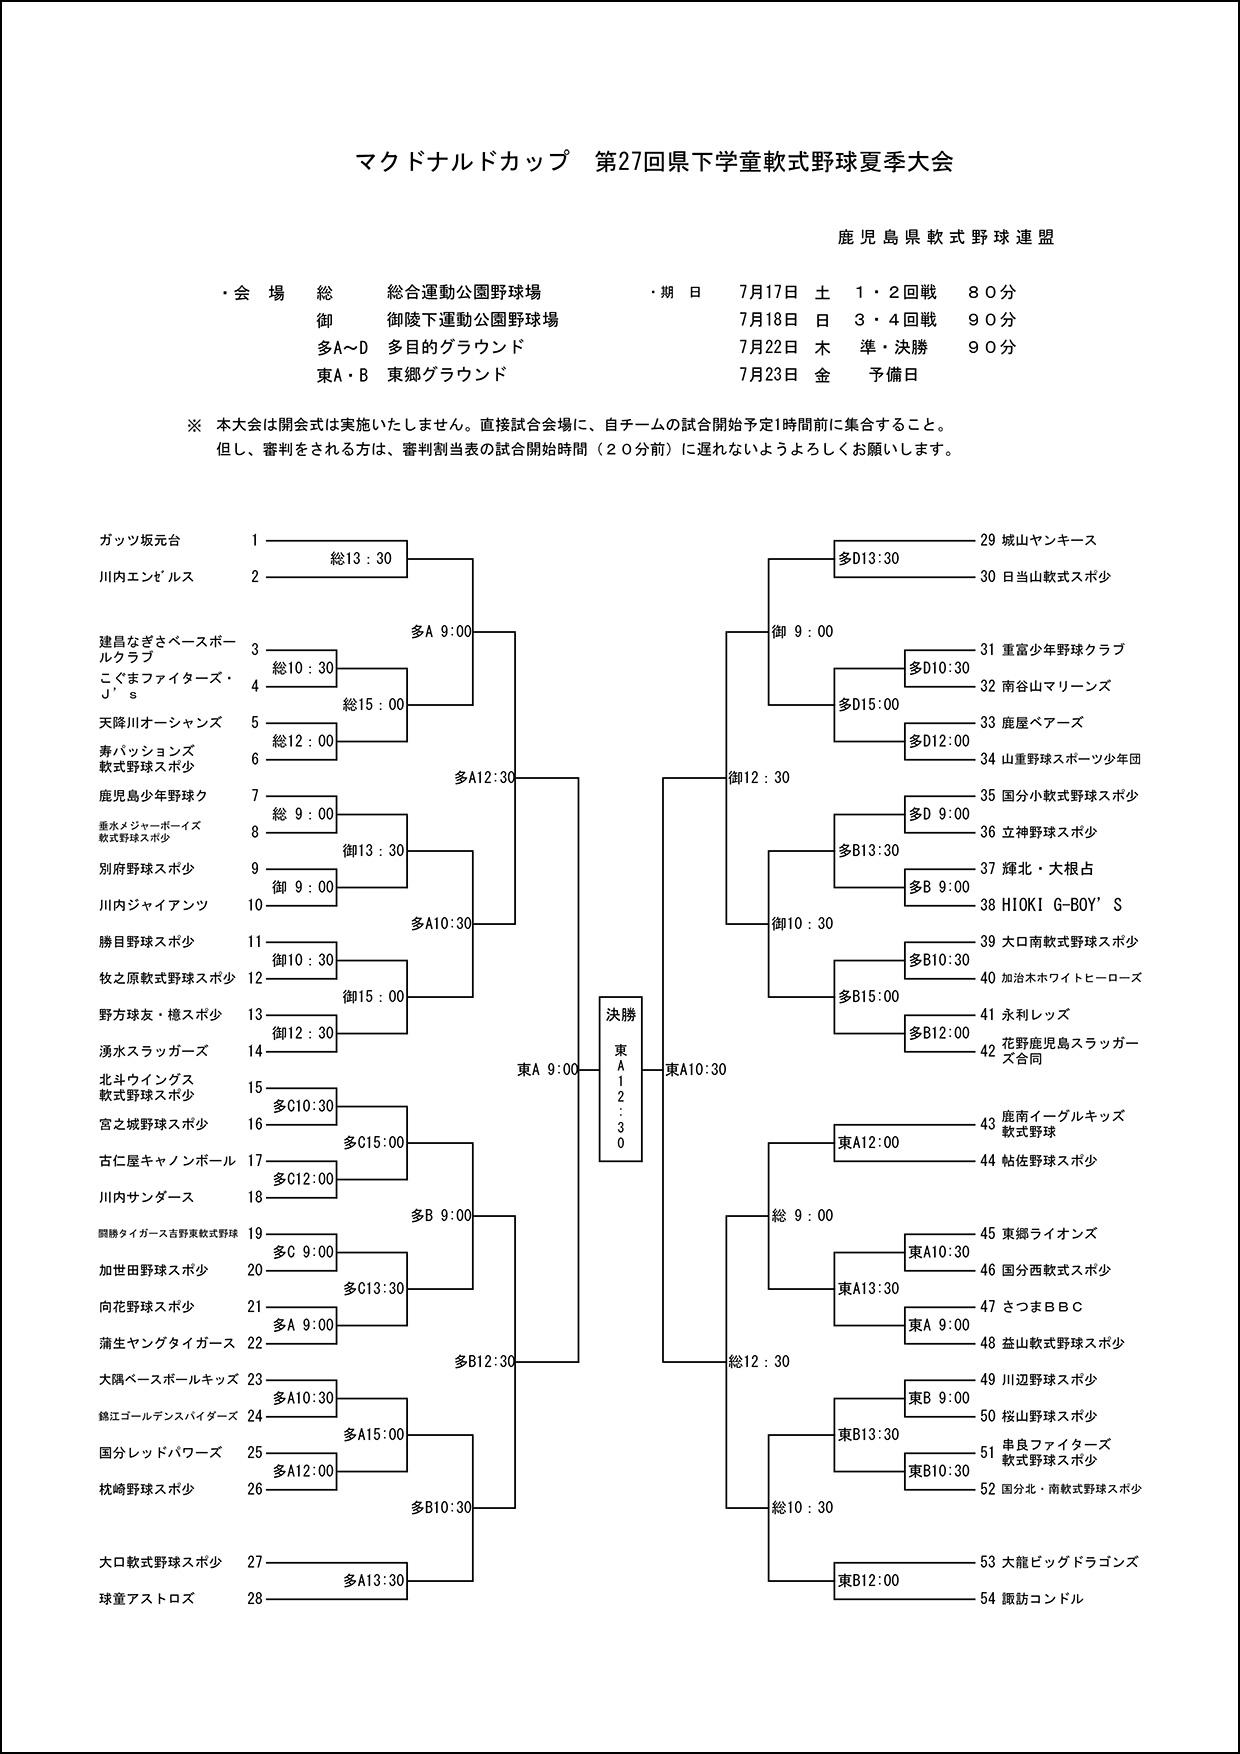 【組合せ】マクドナルドカップ 第27回県下学童軟式野球夏季大会